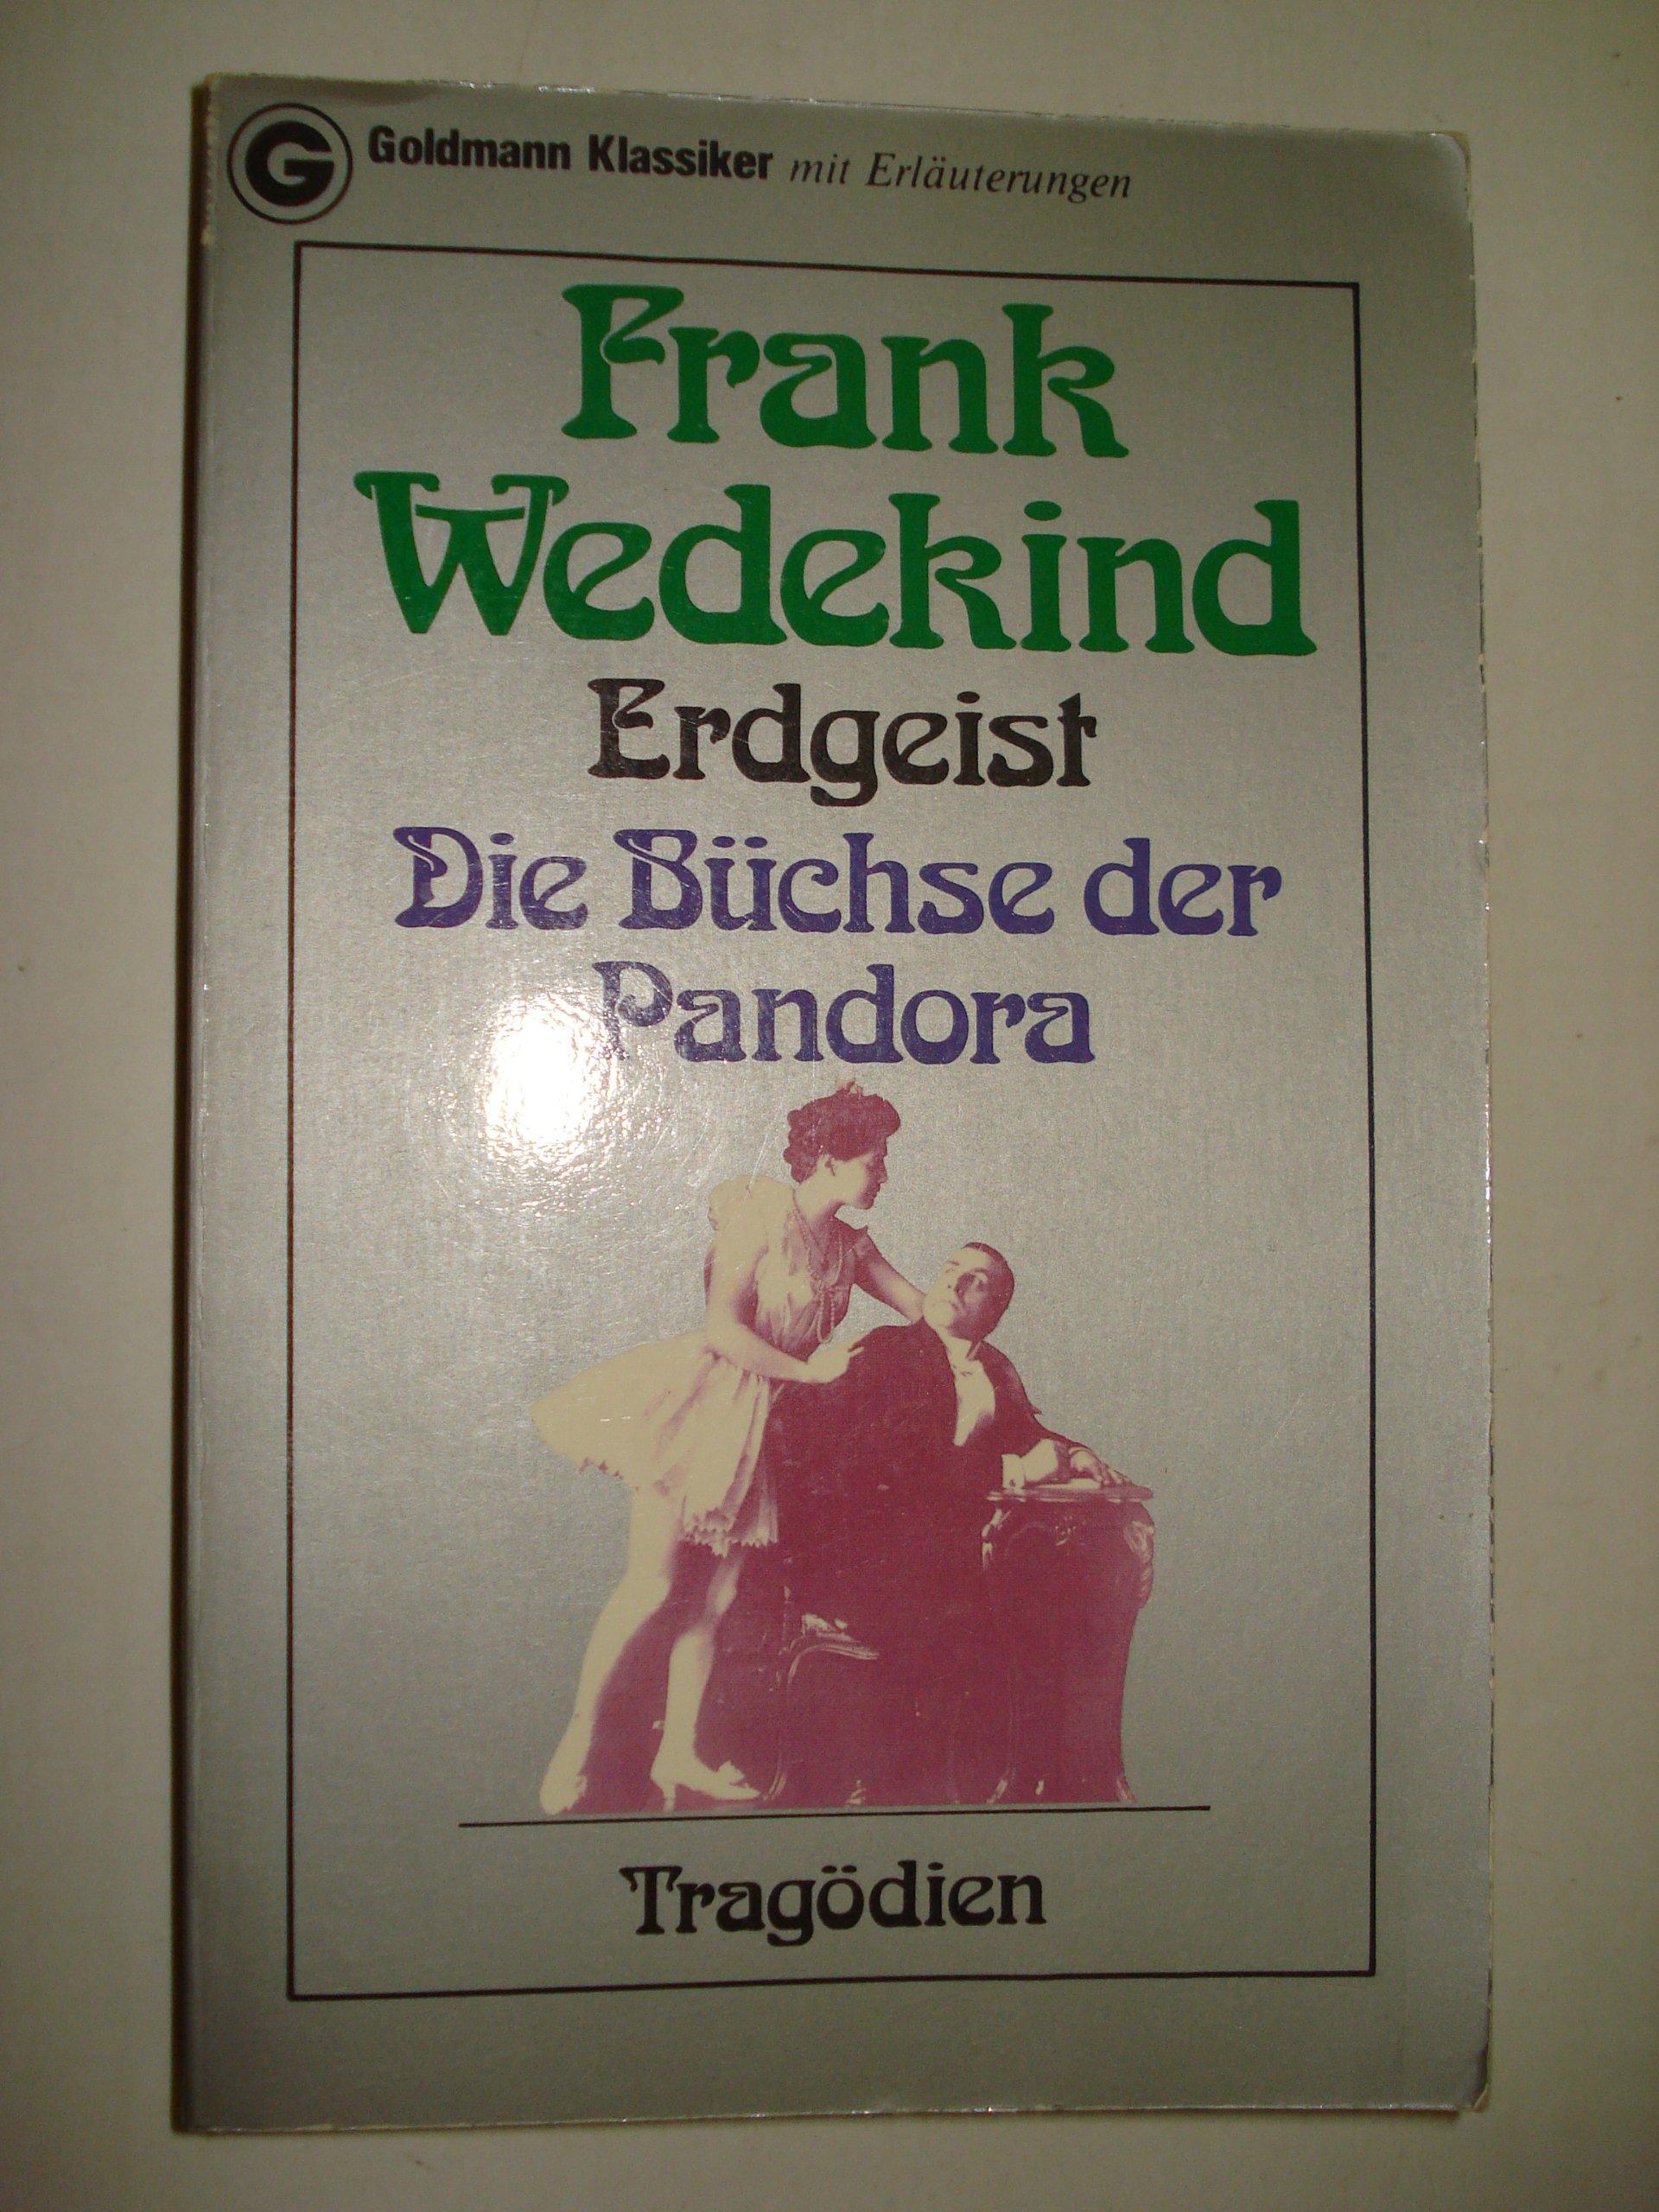 büxe der pandora